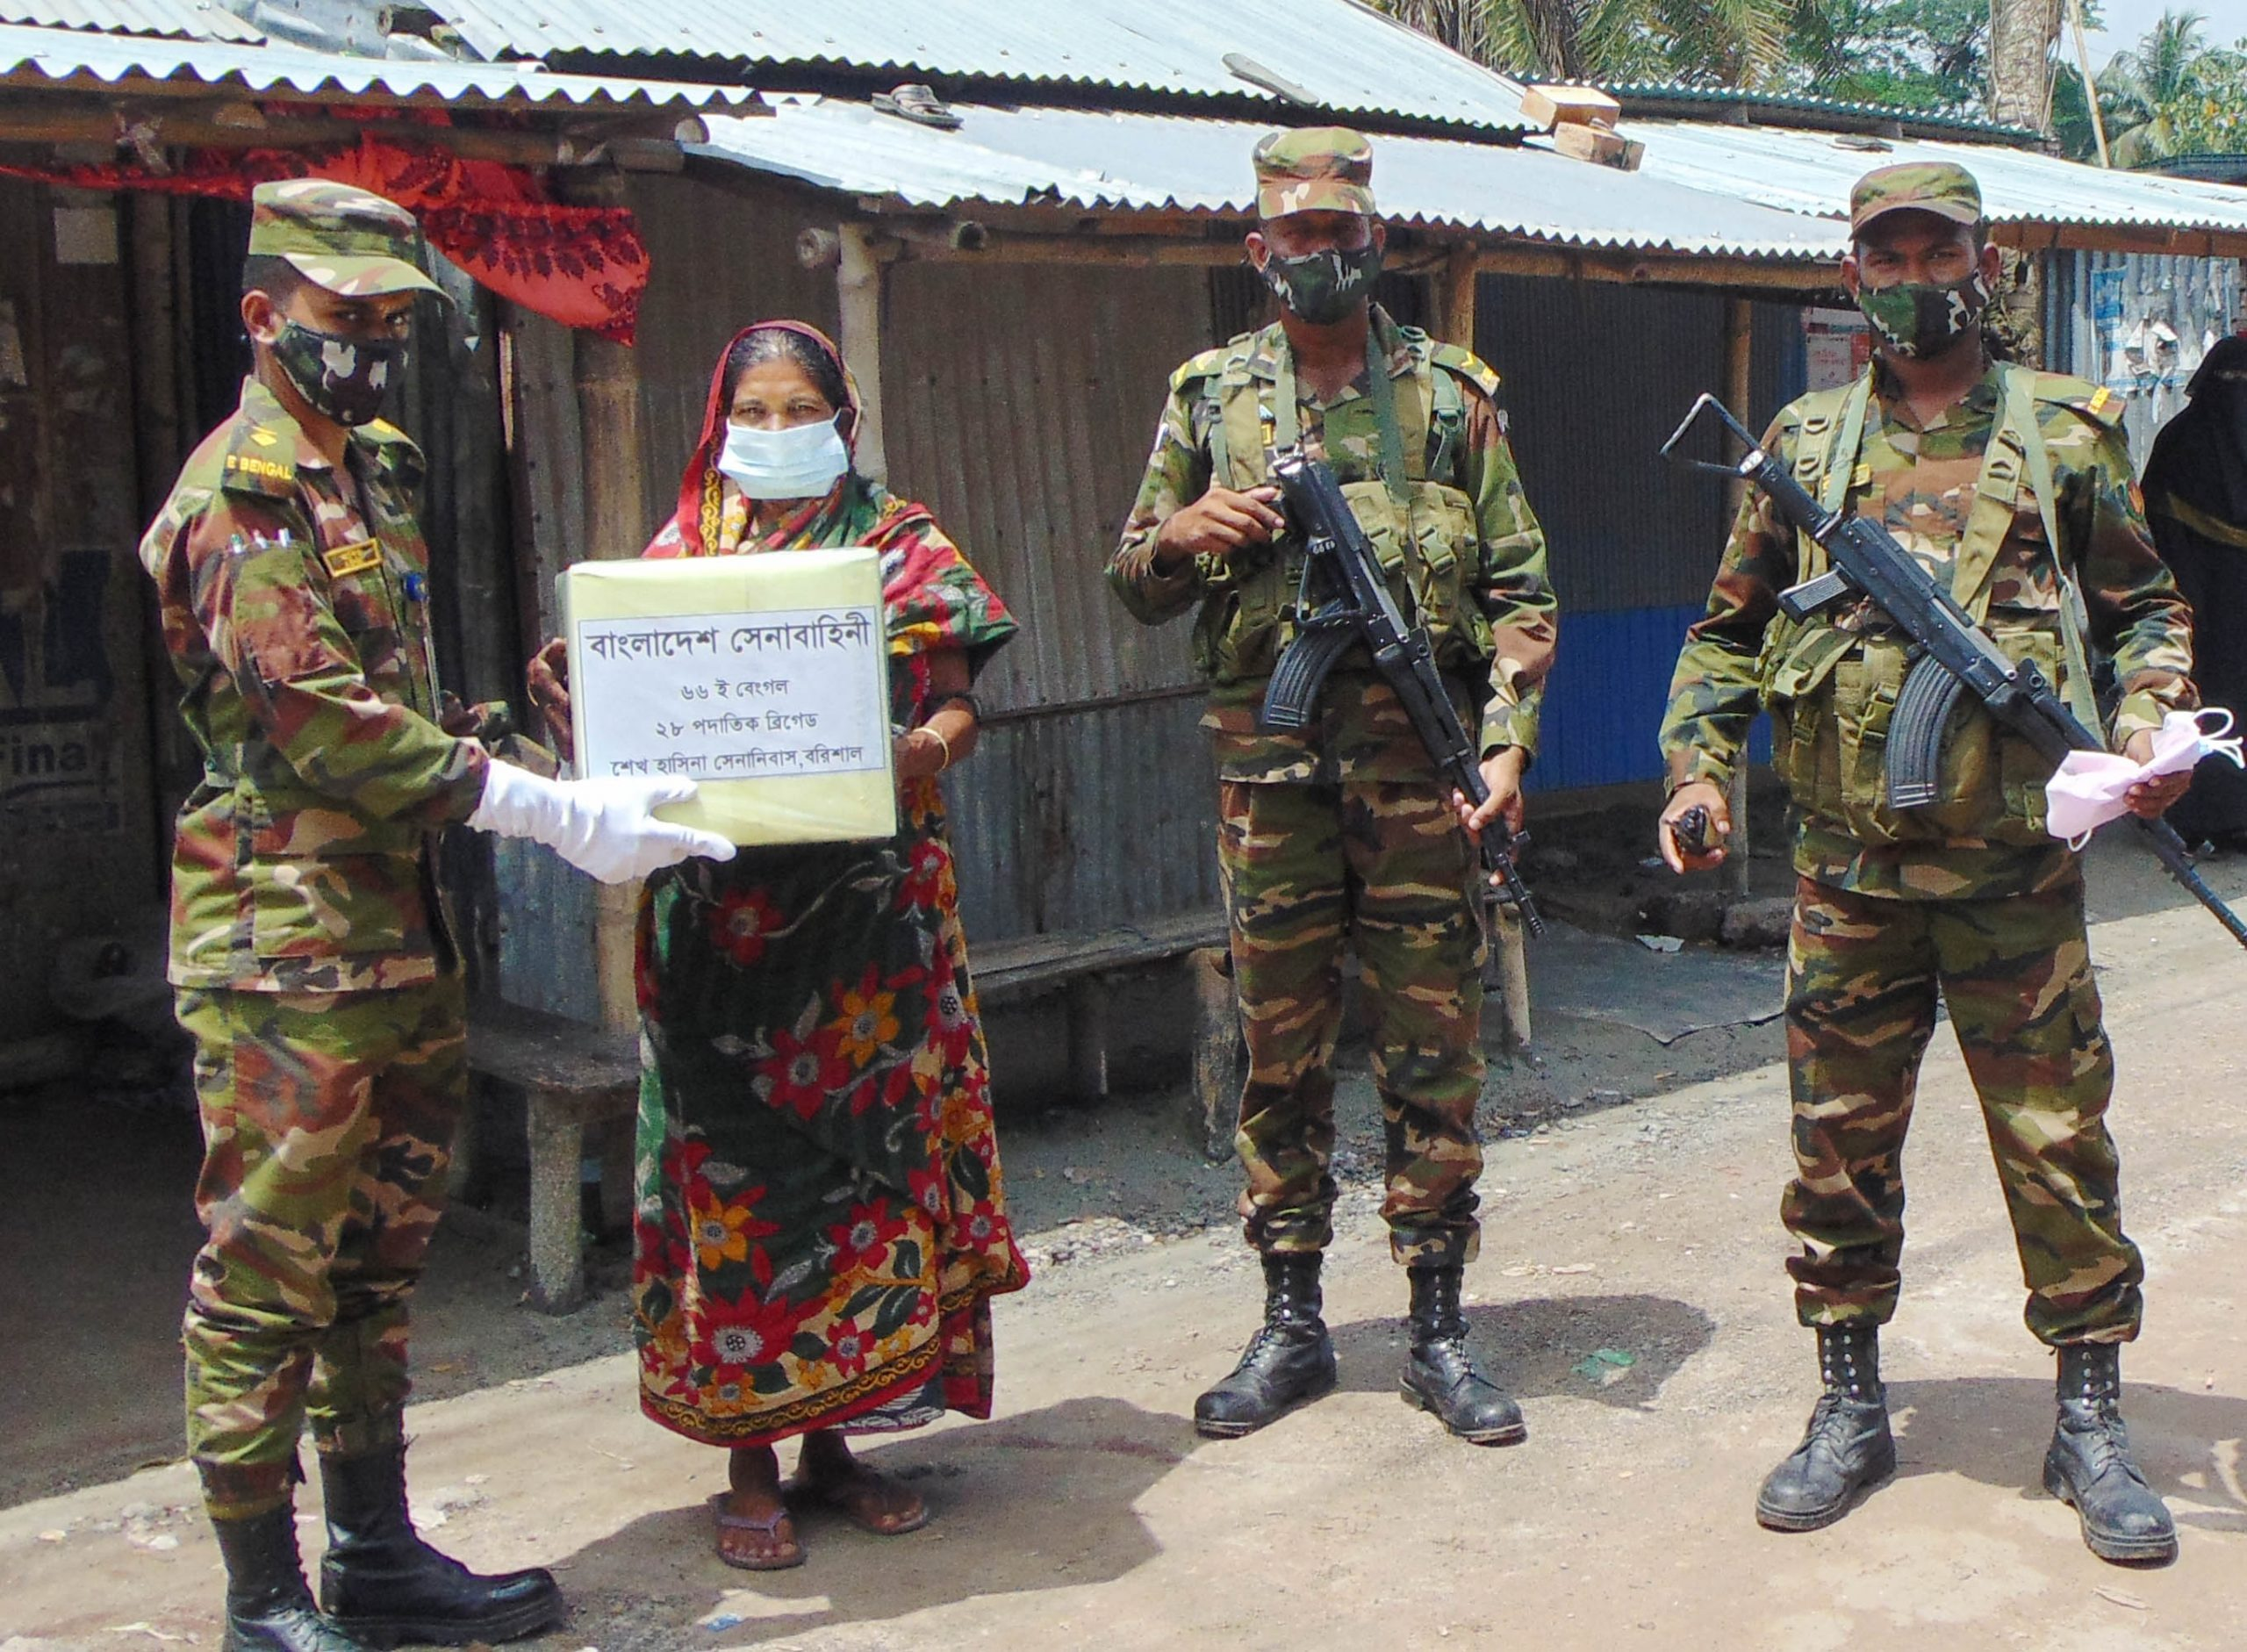 সেনাবাহিনীর খাদ্য বিতরন: ফকিরহাটে লকডাউন অমান্য করায় ১৯জনকে জরিমানা